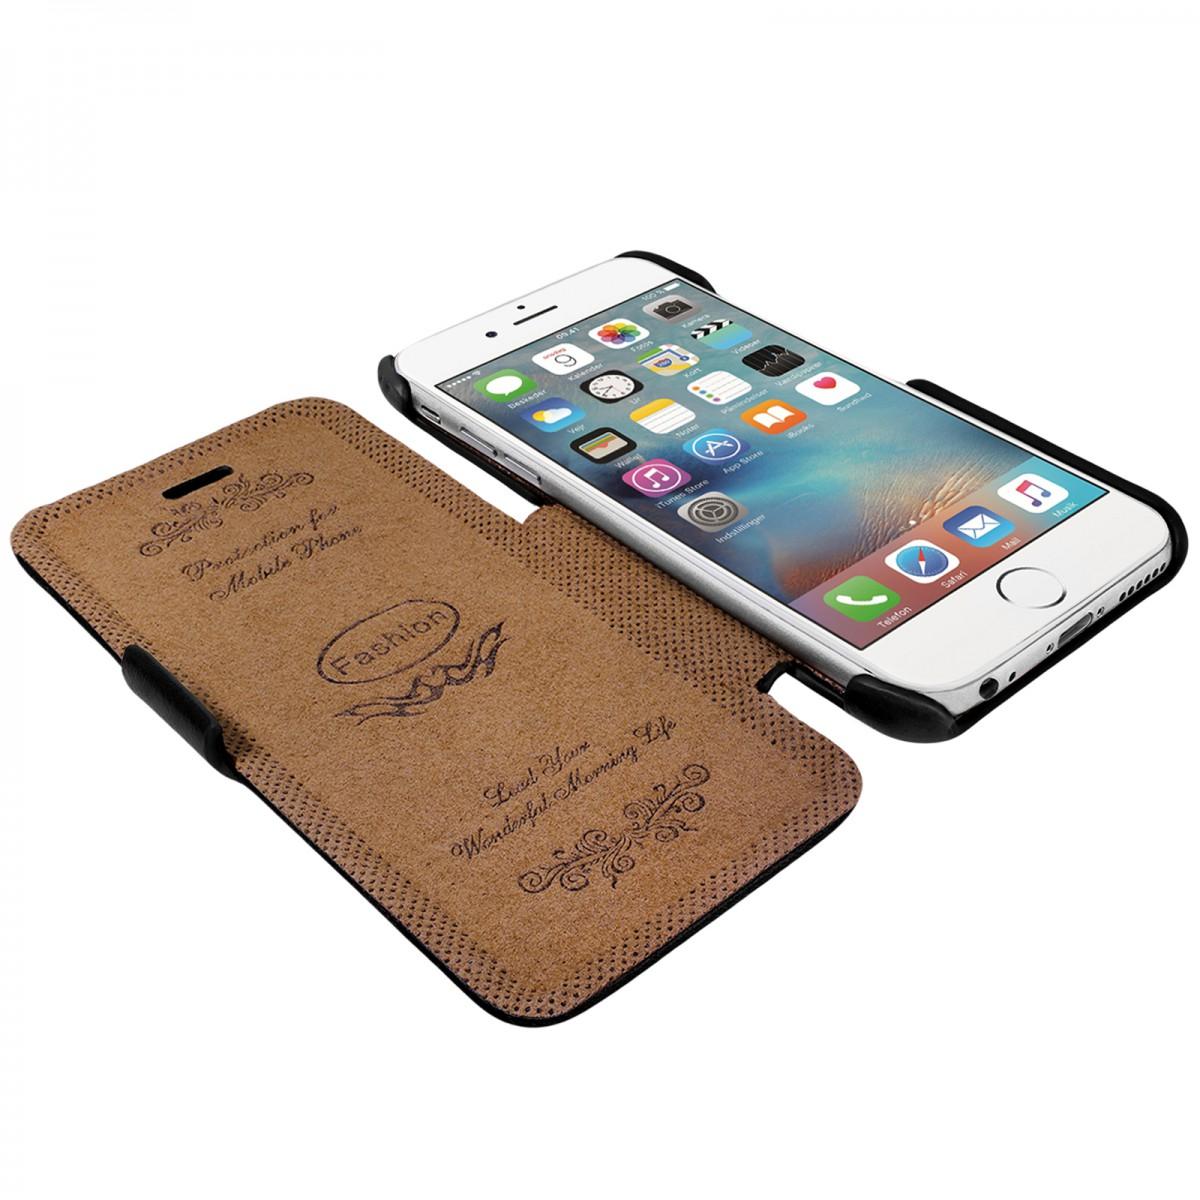 schutztasche f r apple iphone 6 6s tasche schutz h lle. Black Bedroom Furniture Sets. Home Design Ideas